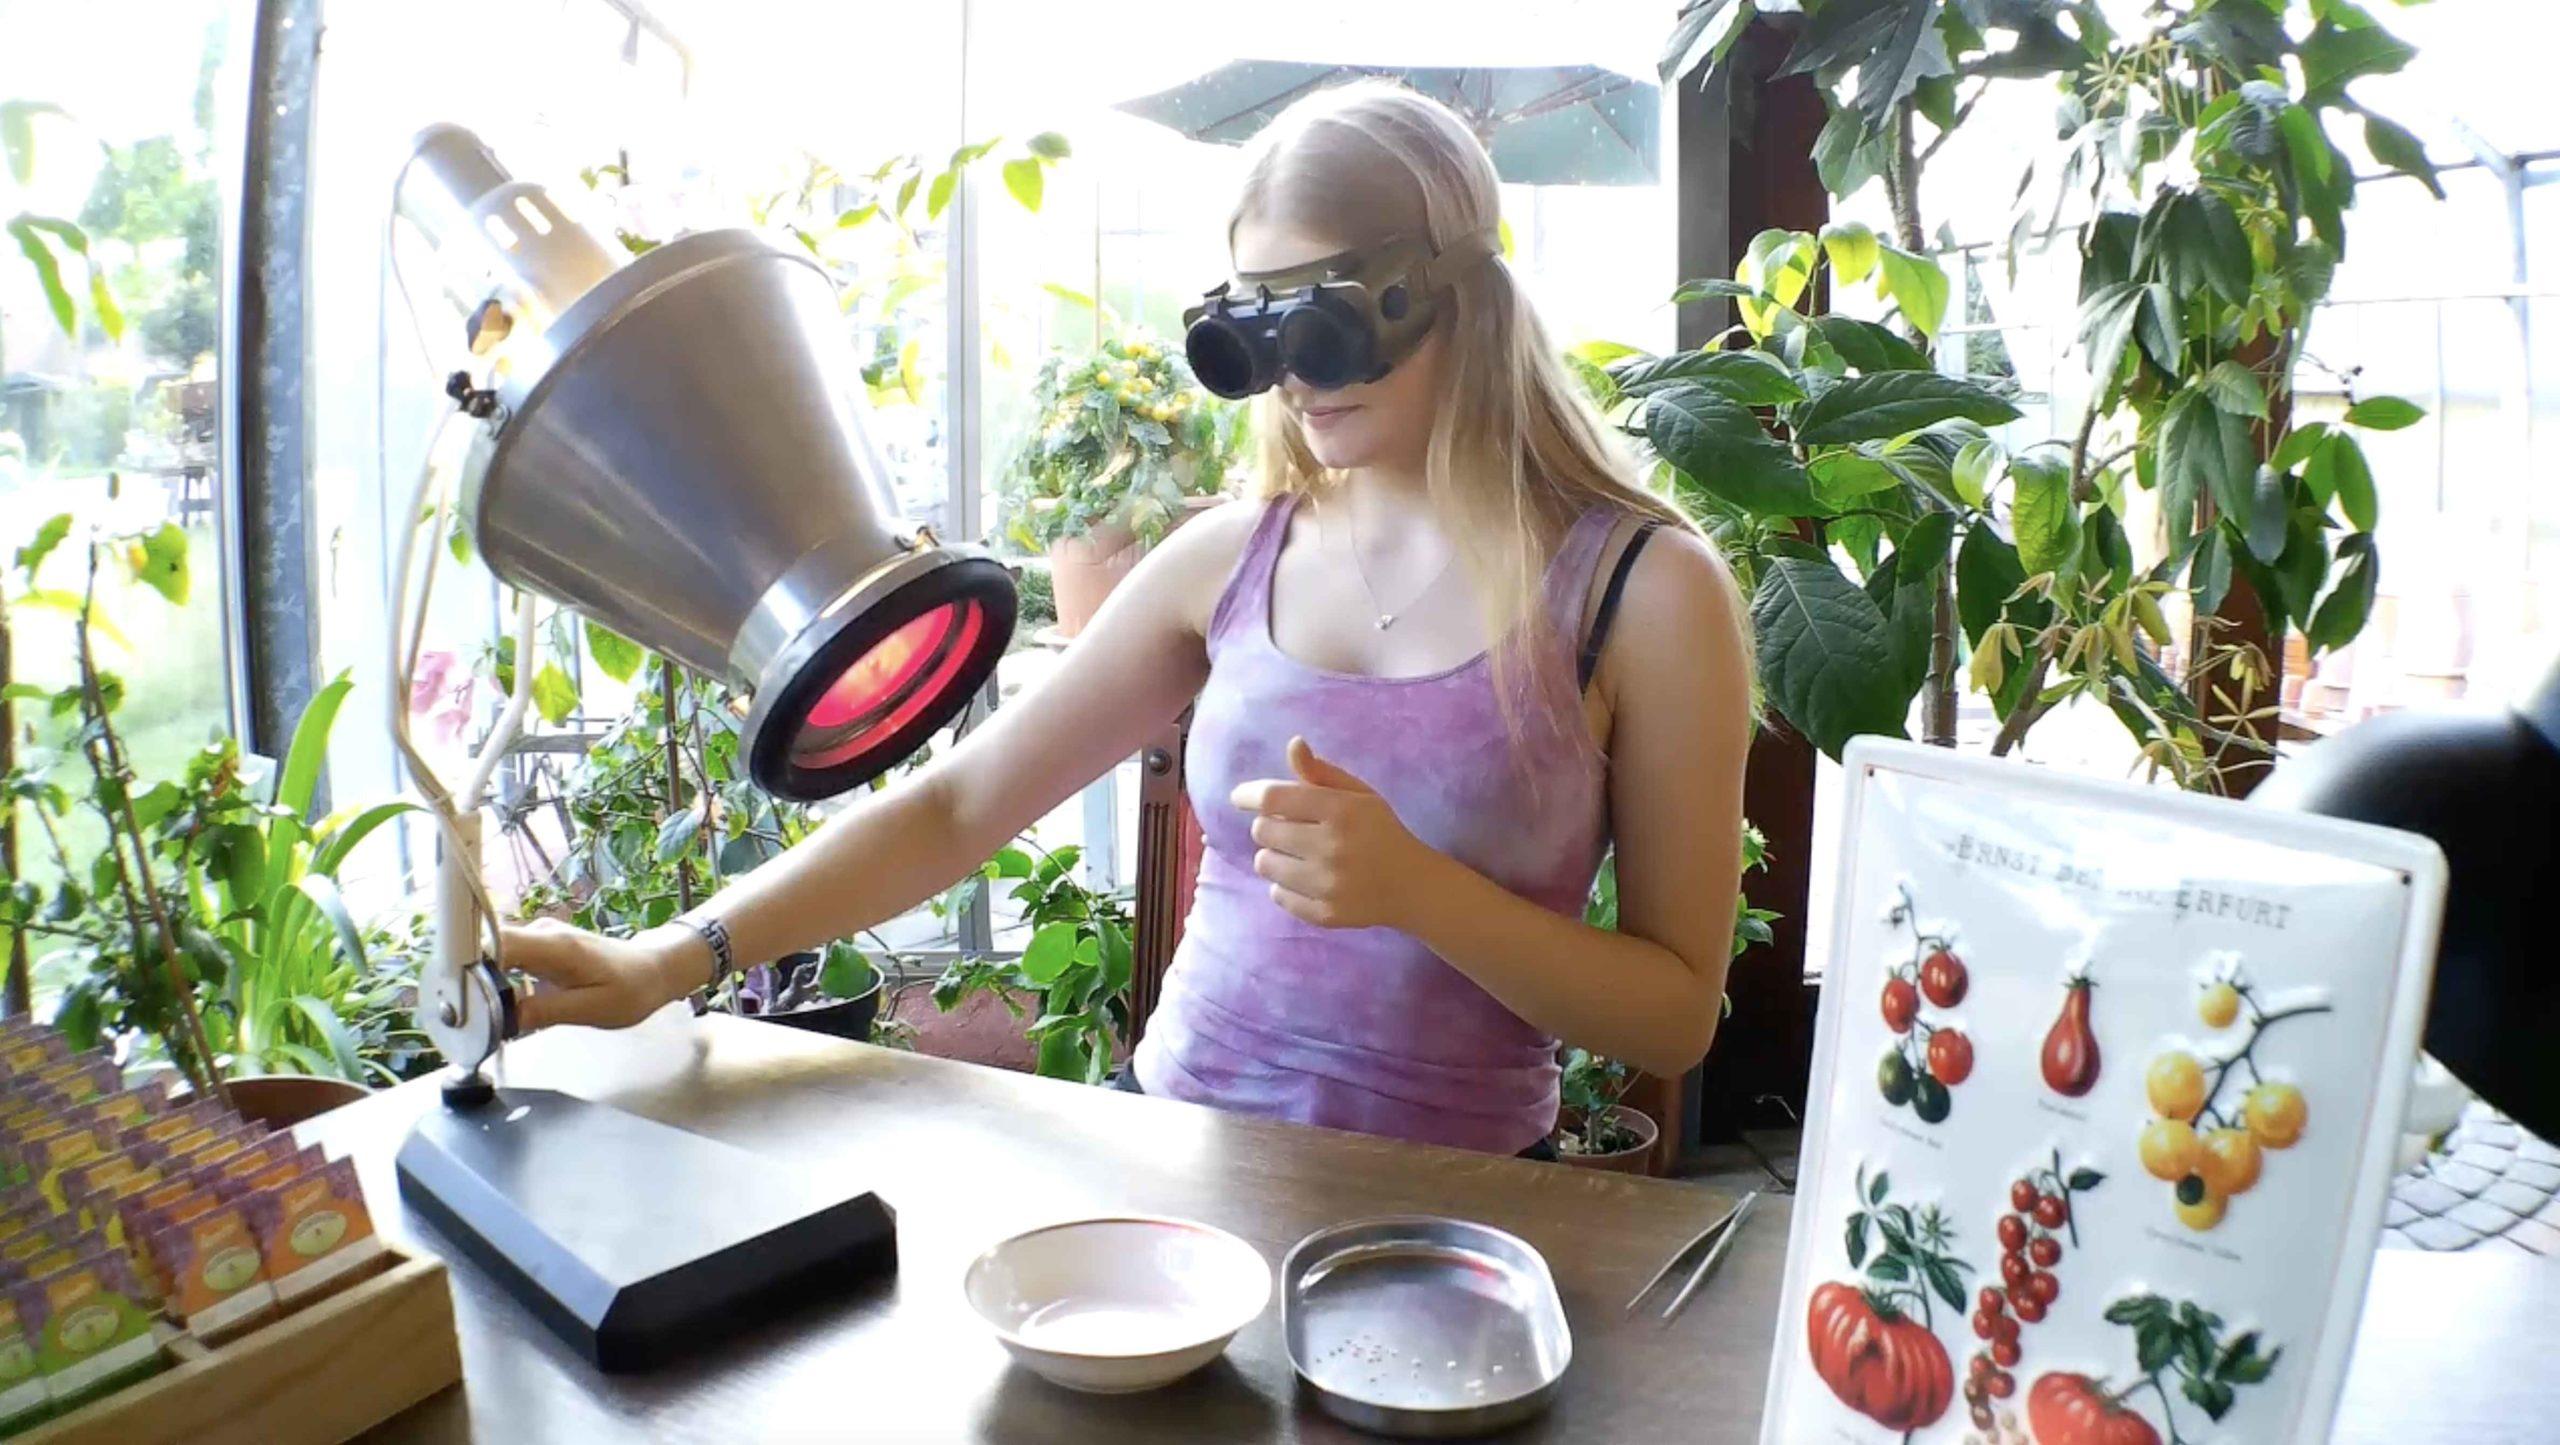 Kleverhof Forschungsabteilung: Tomate direkt aus Saatkorn herstellen ツ